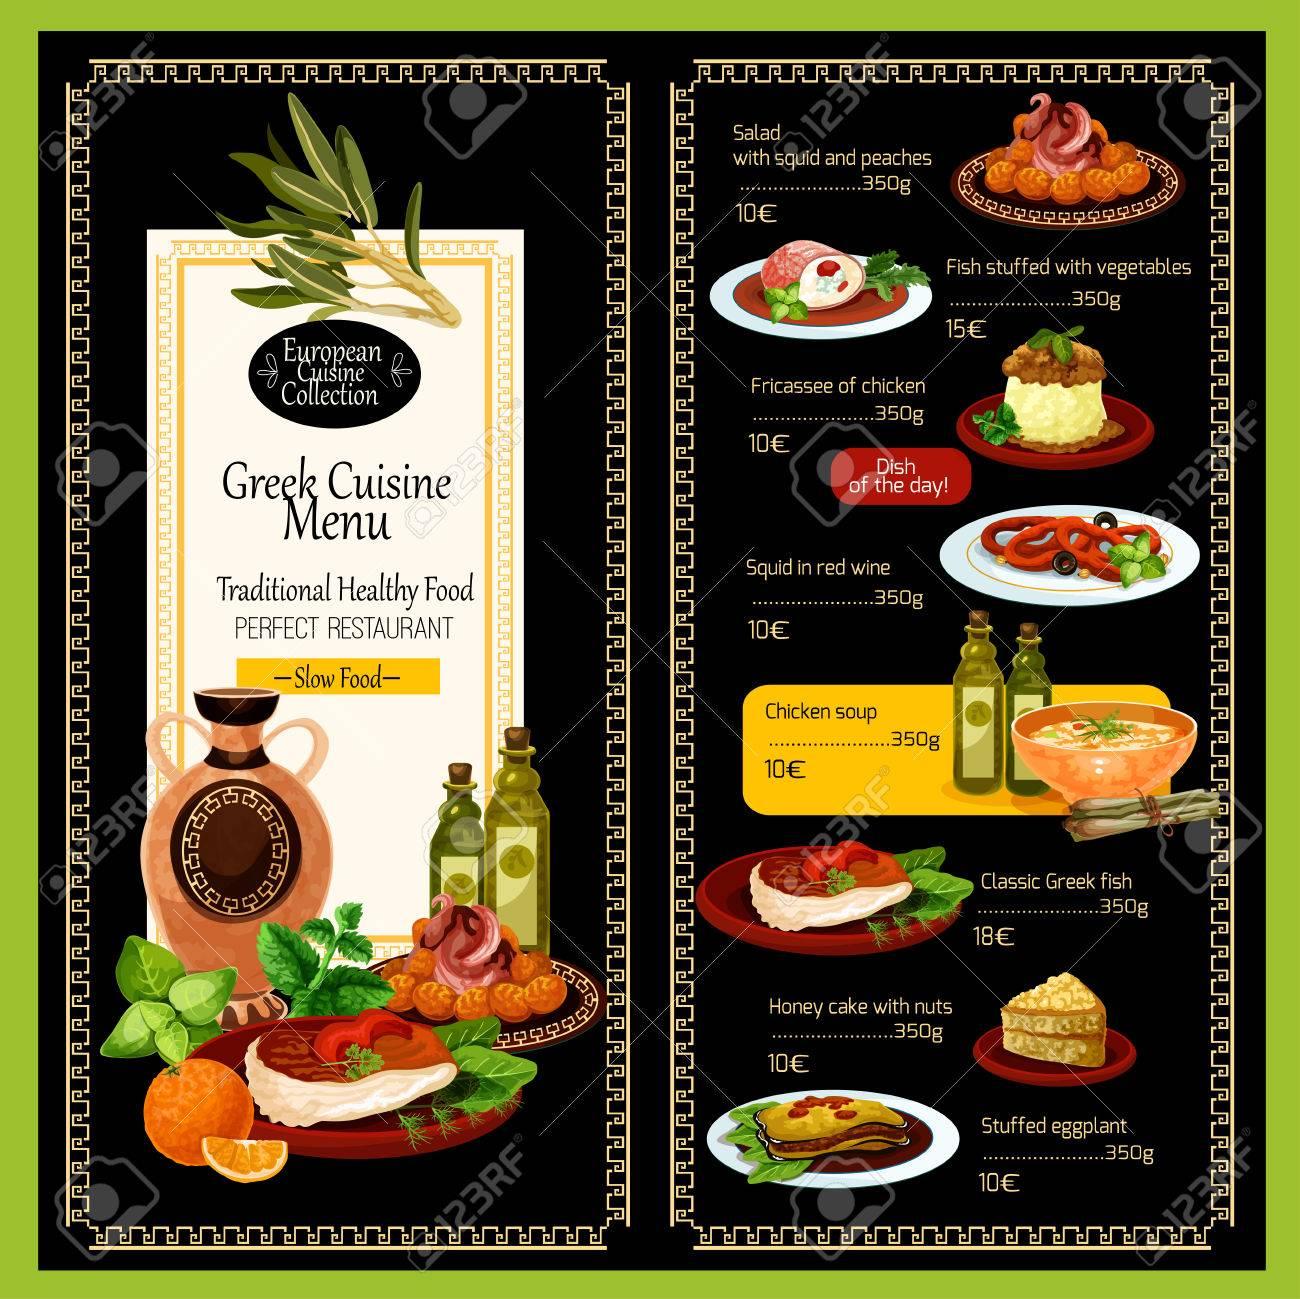 Griechische Restaurant Küche Menü Vorlage Lizenzfrei Nutzbare ...